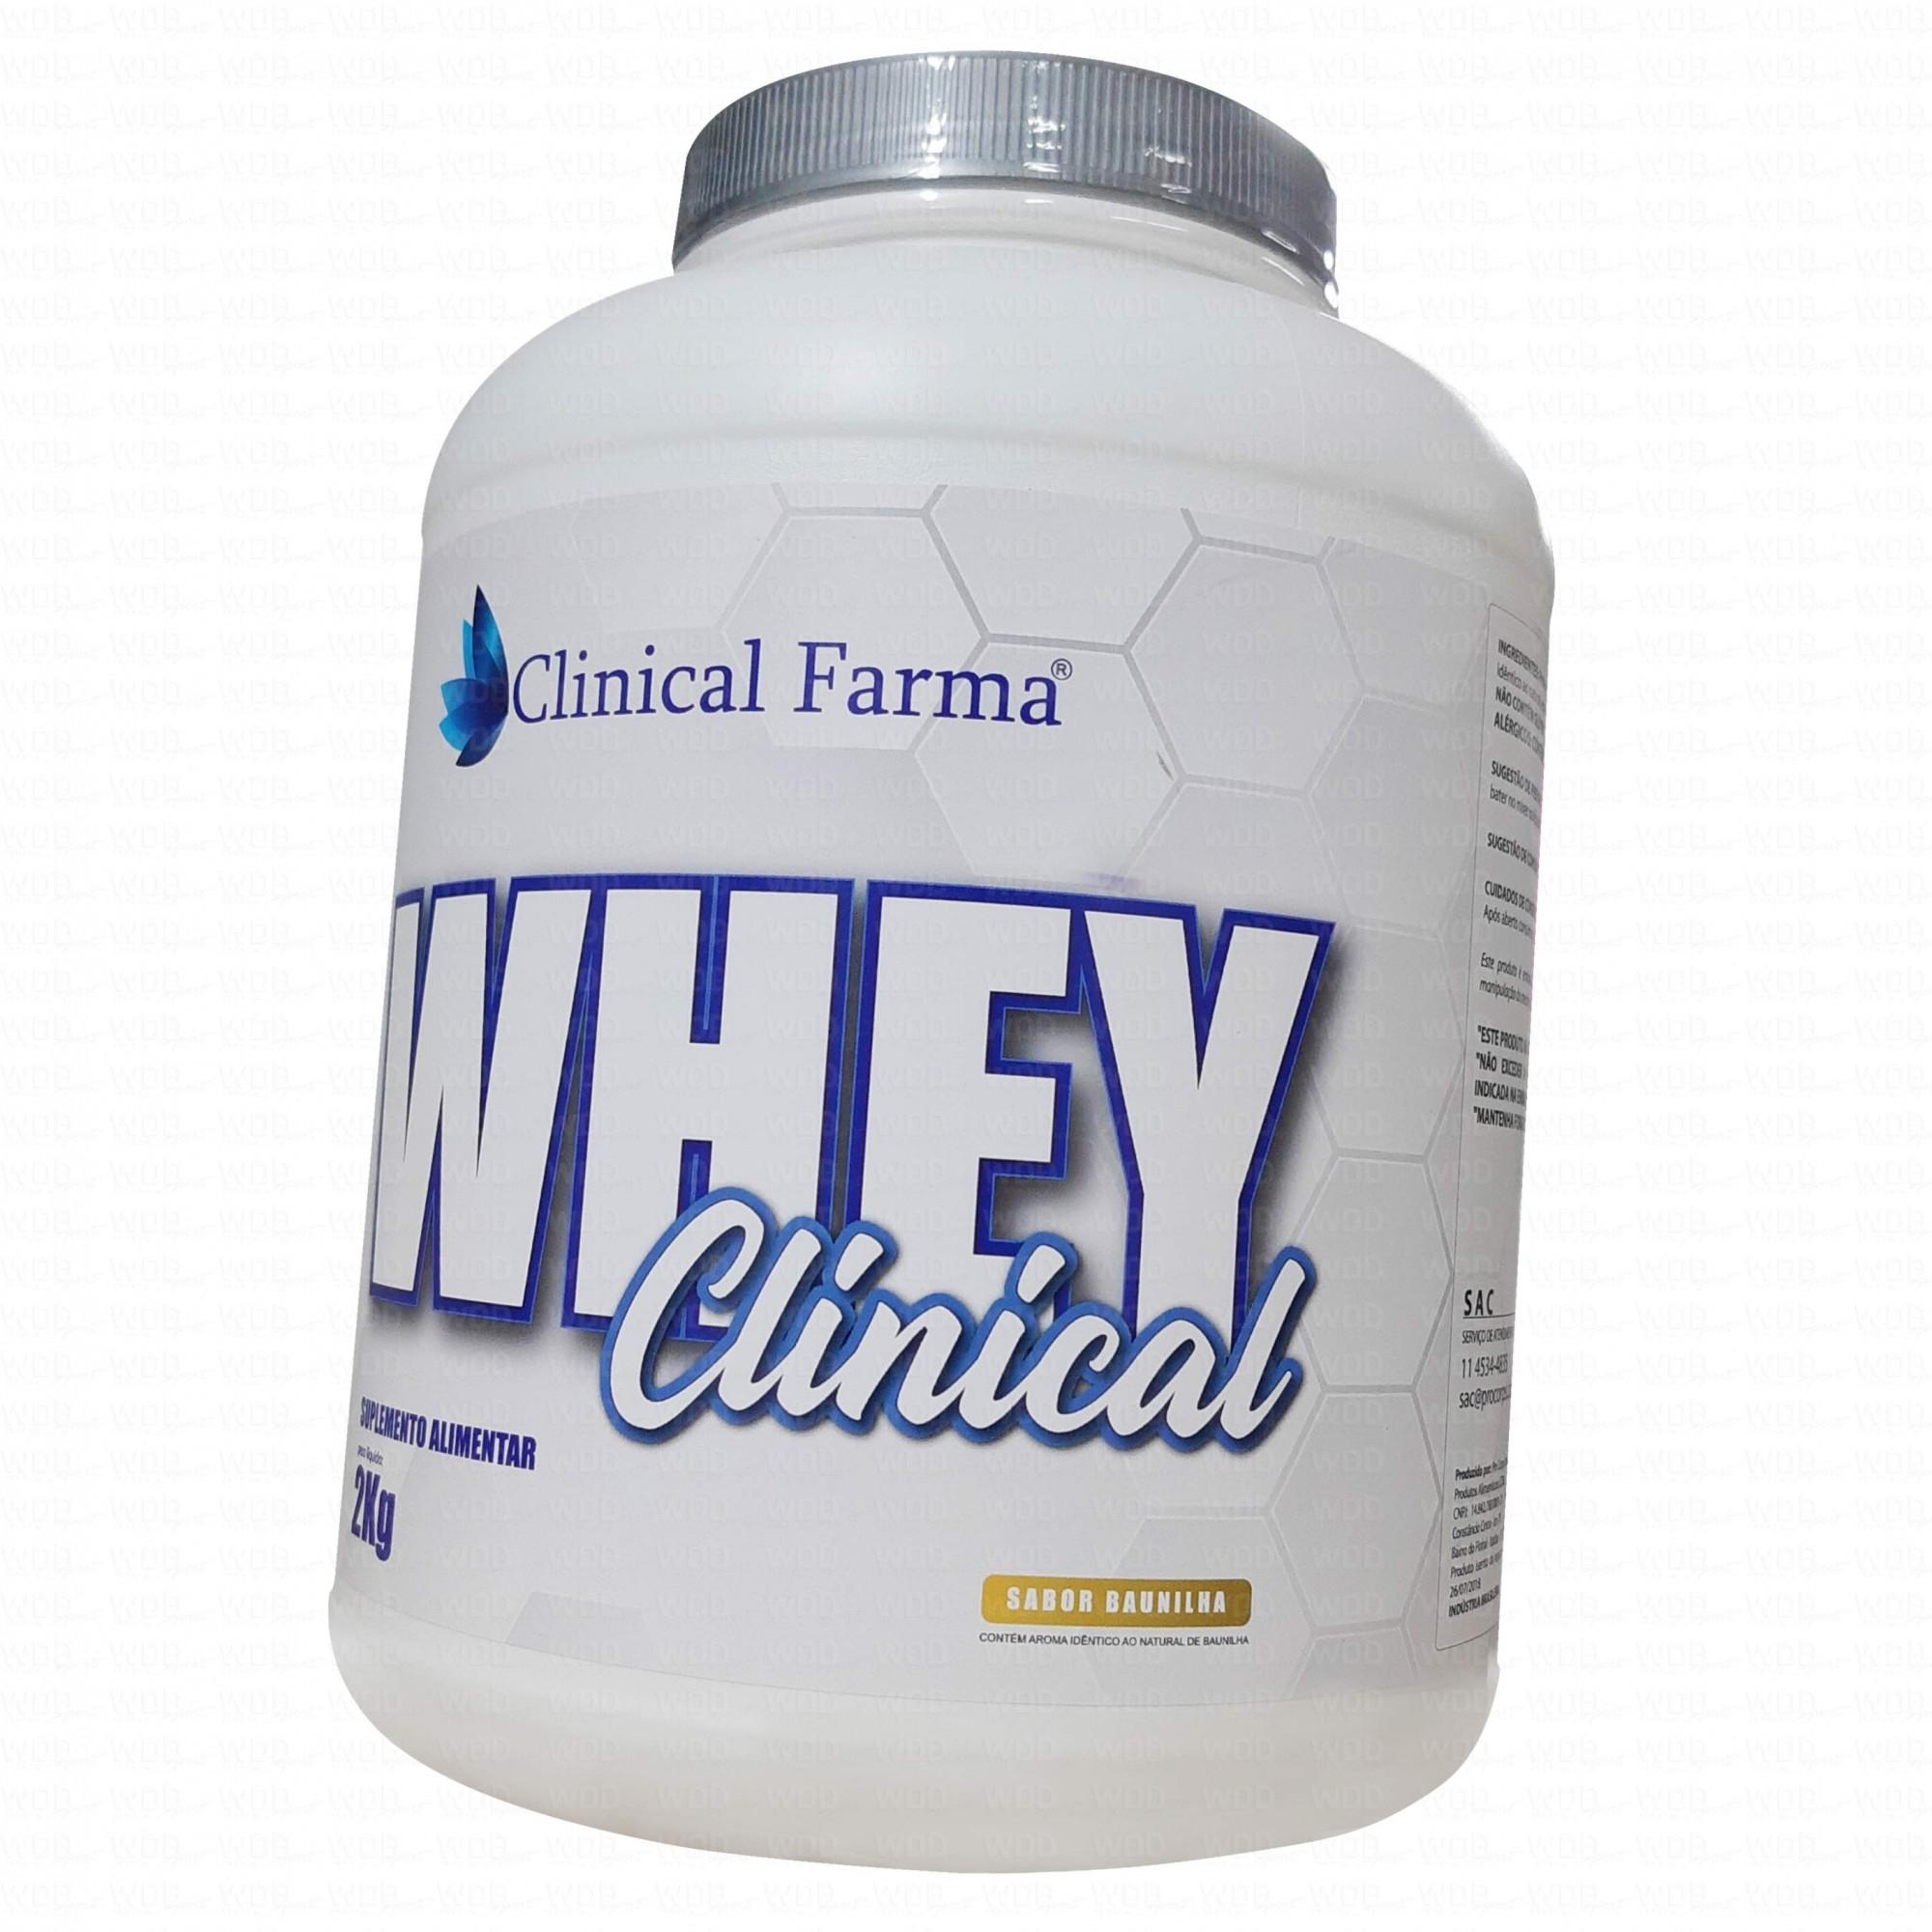 Whey Clinical 2Kg Clinical Farma